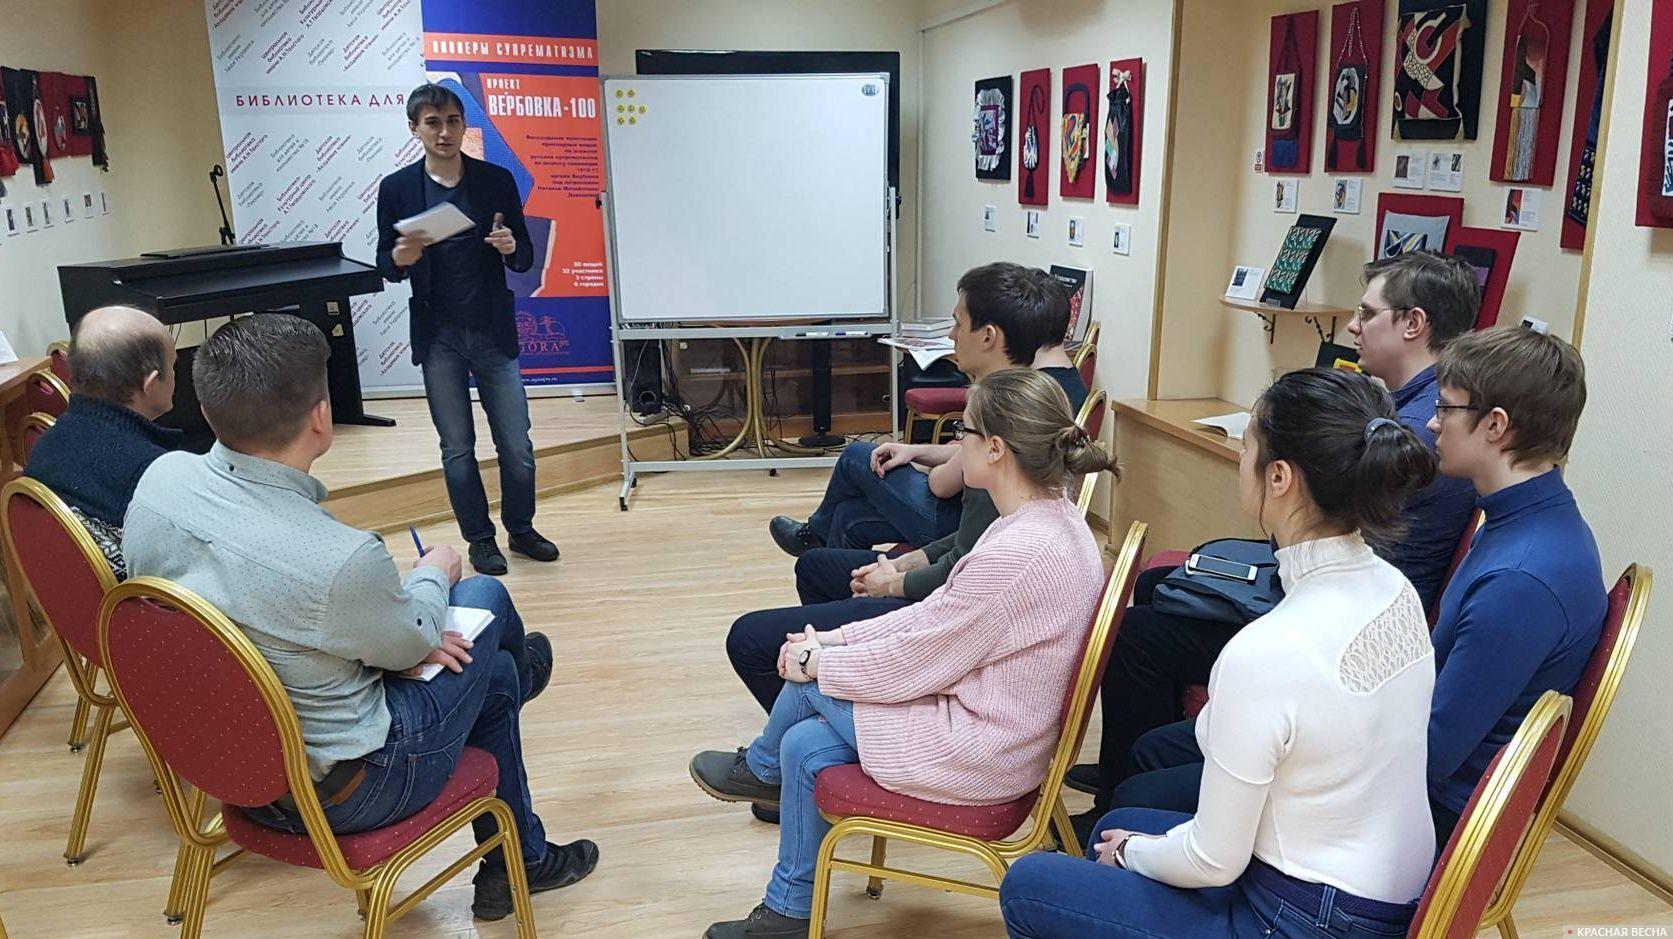 Встреча с гражданами в московской библиотеке имени А. Н. Толстого